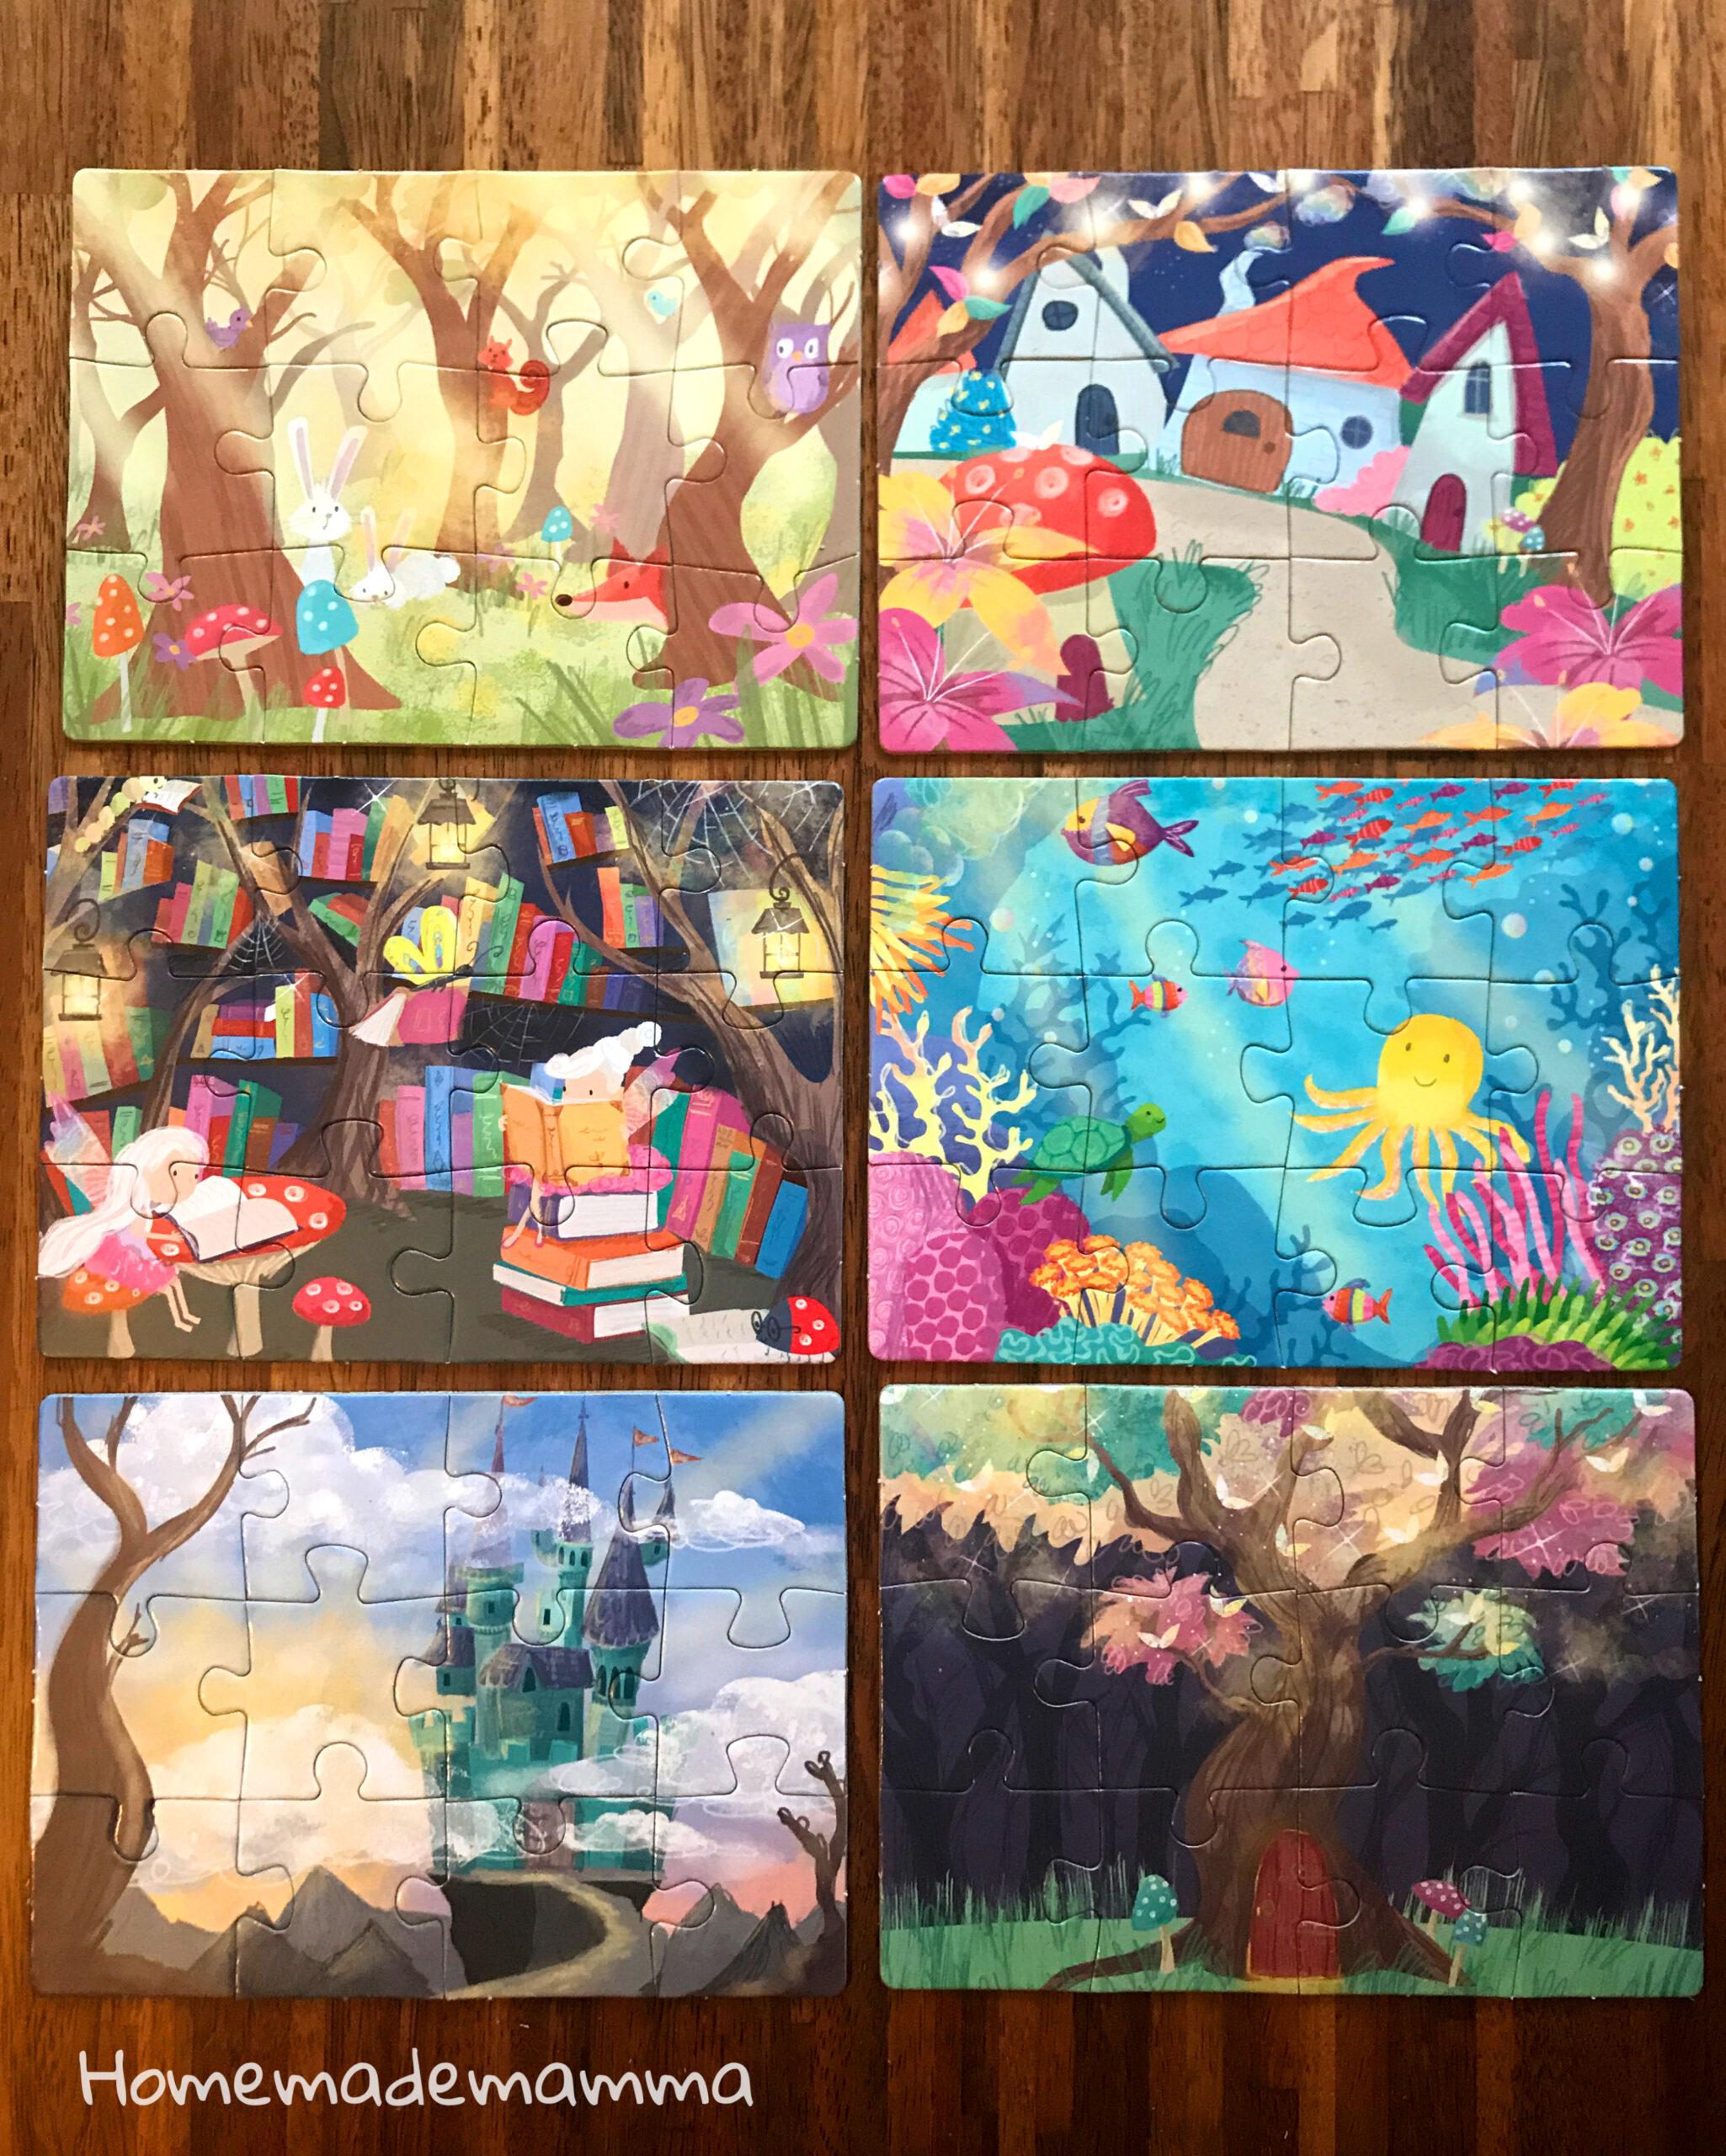 Inventastorie headu gioco per bambini inventare racconti piccoli creatività e fantasia allenarsi a raccontare puzzle